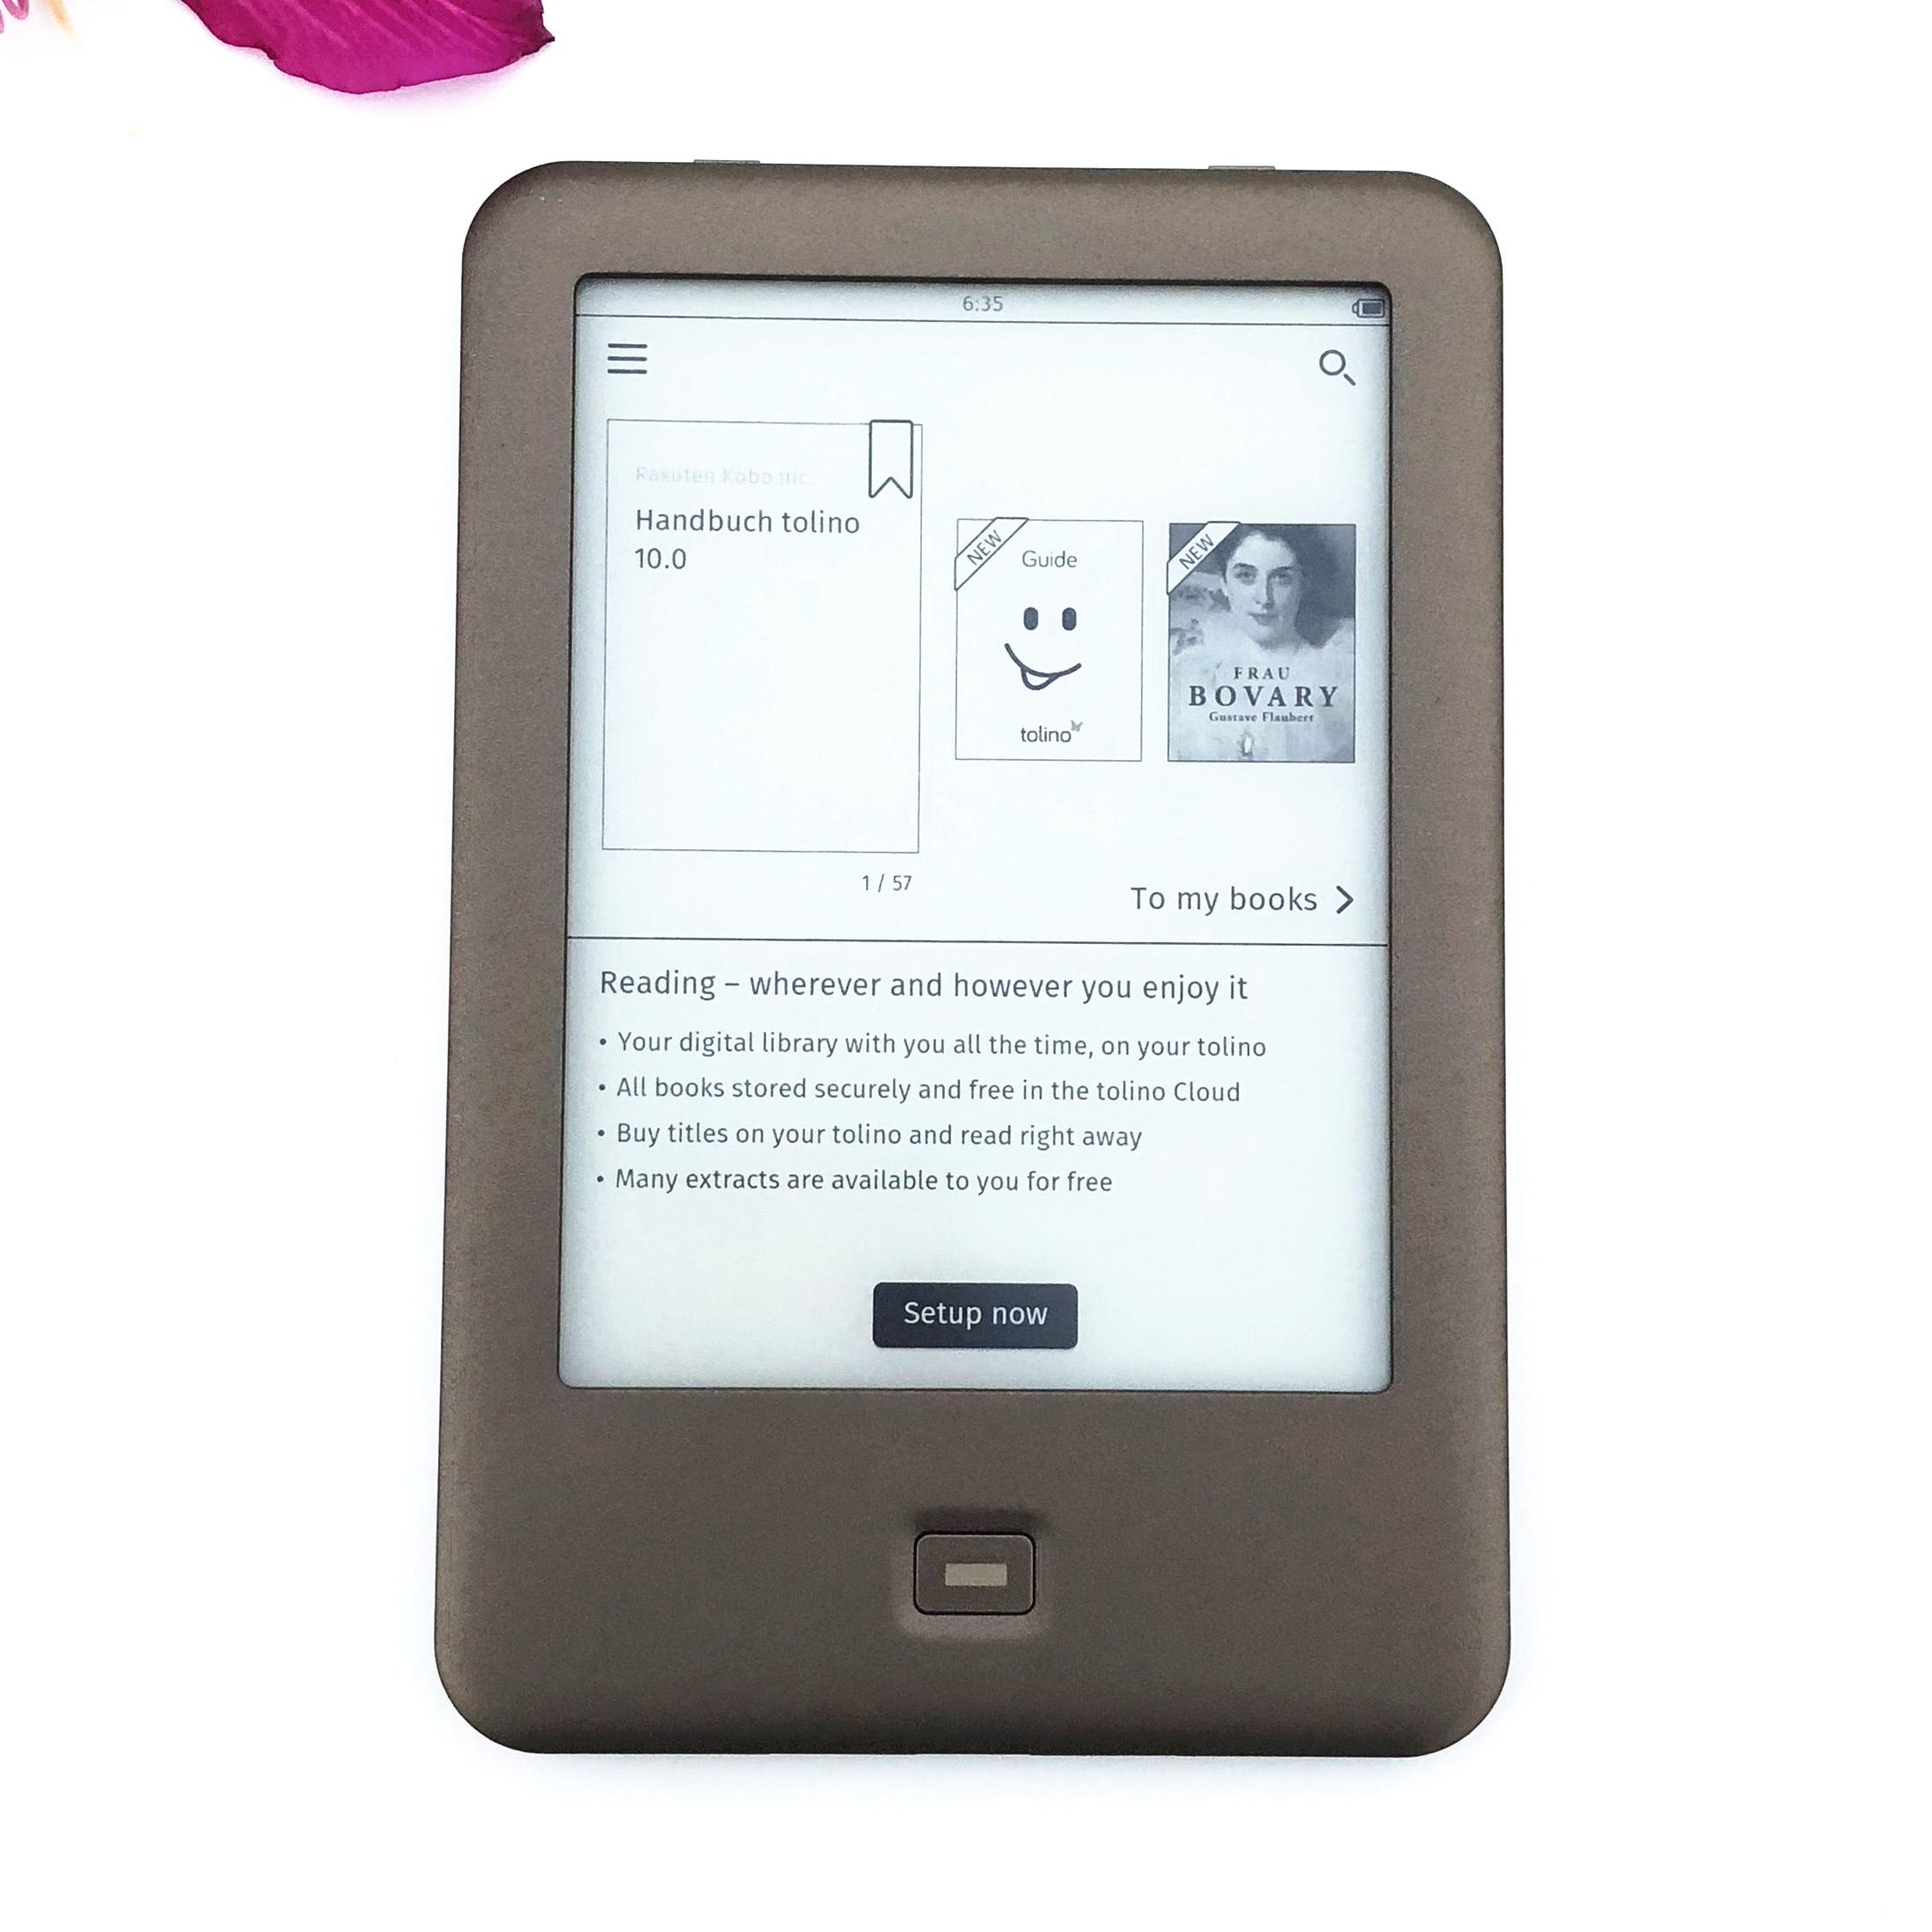 Książka elektroniczna e-ink e czytnik ebooków zbudowany w świetle 6 cal 4GB czytnik e-booków-z pewnością nie e-book e ink 1024x758 Ebook czytnik e-booków